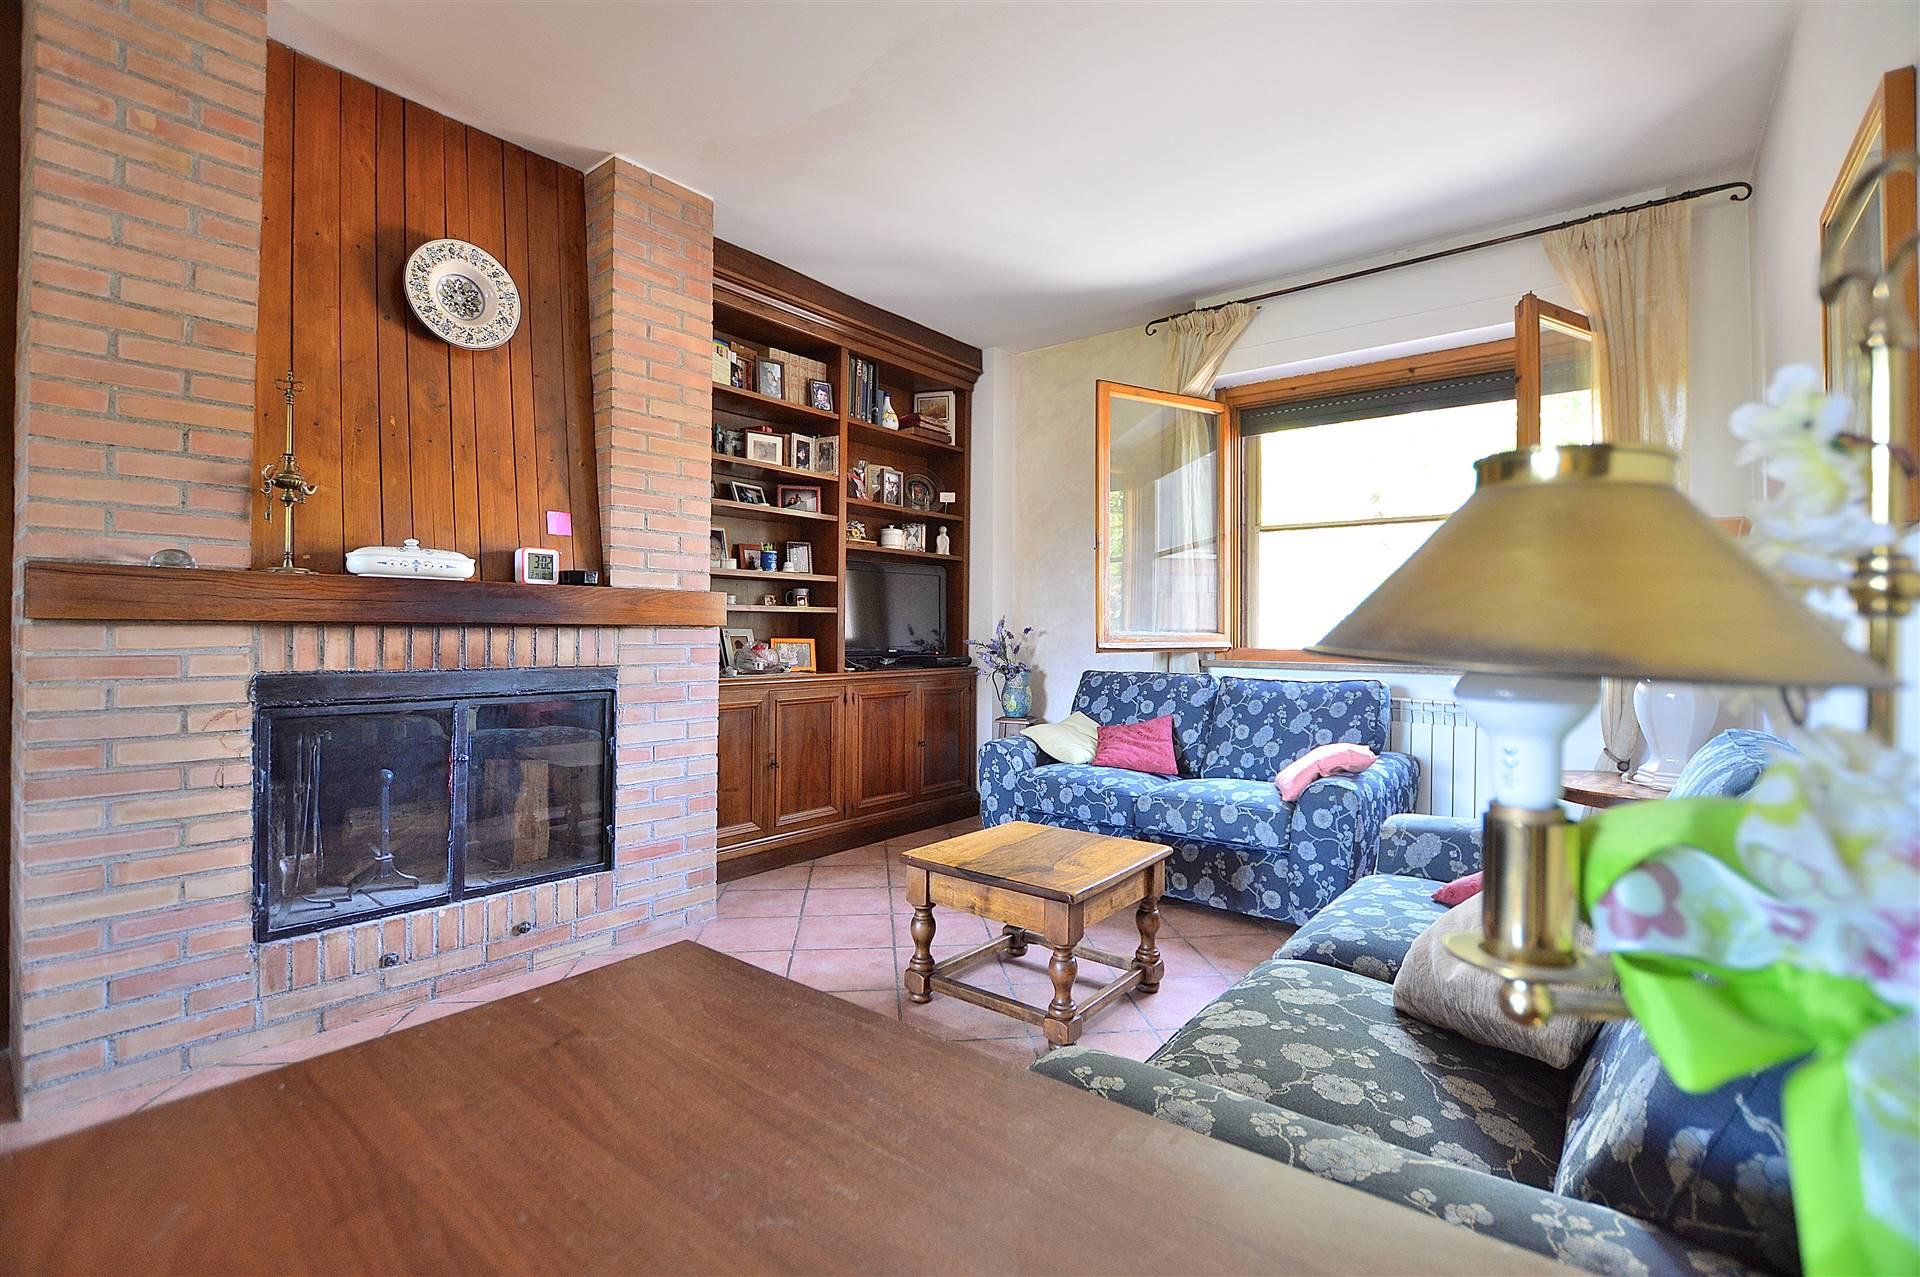 Taverne d'Arbia, in piacevole contesto residenziale, proponiamo appartamento posto al piano primo all'interno di una palazzina in mattoni faccia